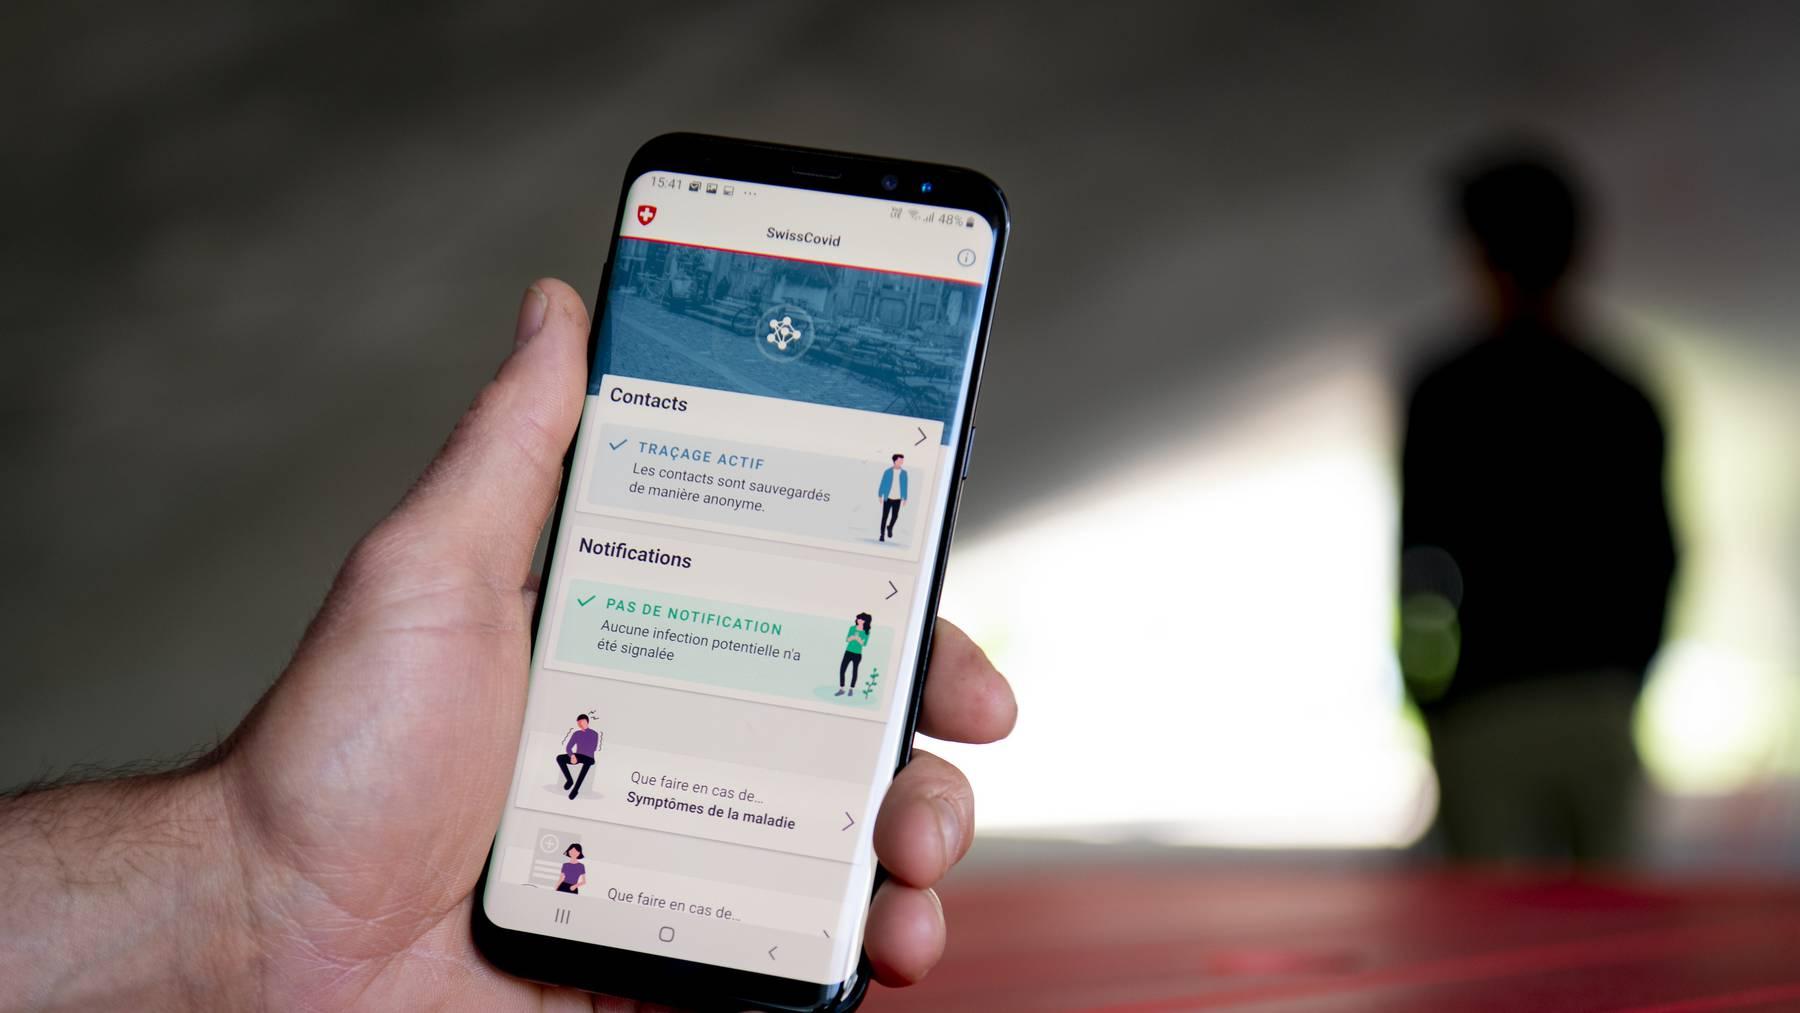 Soll möglichst mit Apps anderer Länder funktionieren: Die von der ETH und EPFL im Auftrag des Bundes entwickelte Contact-Tracing-App Swiss Covid.